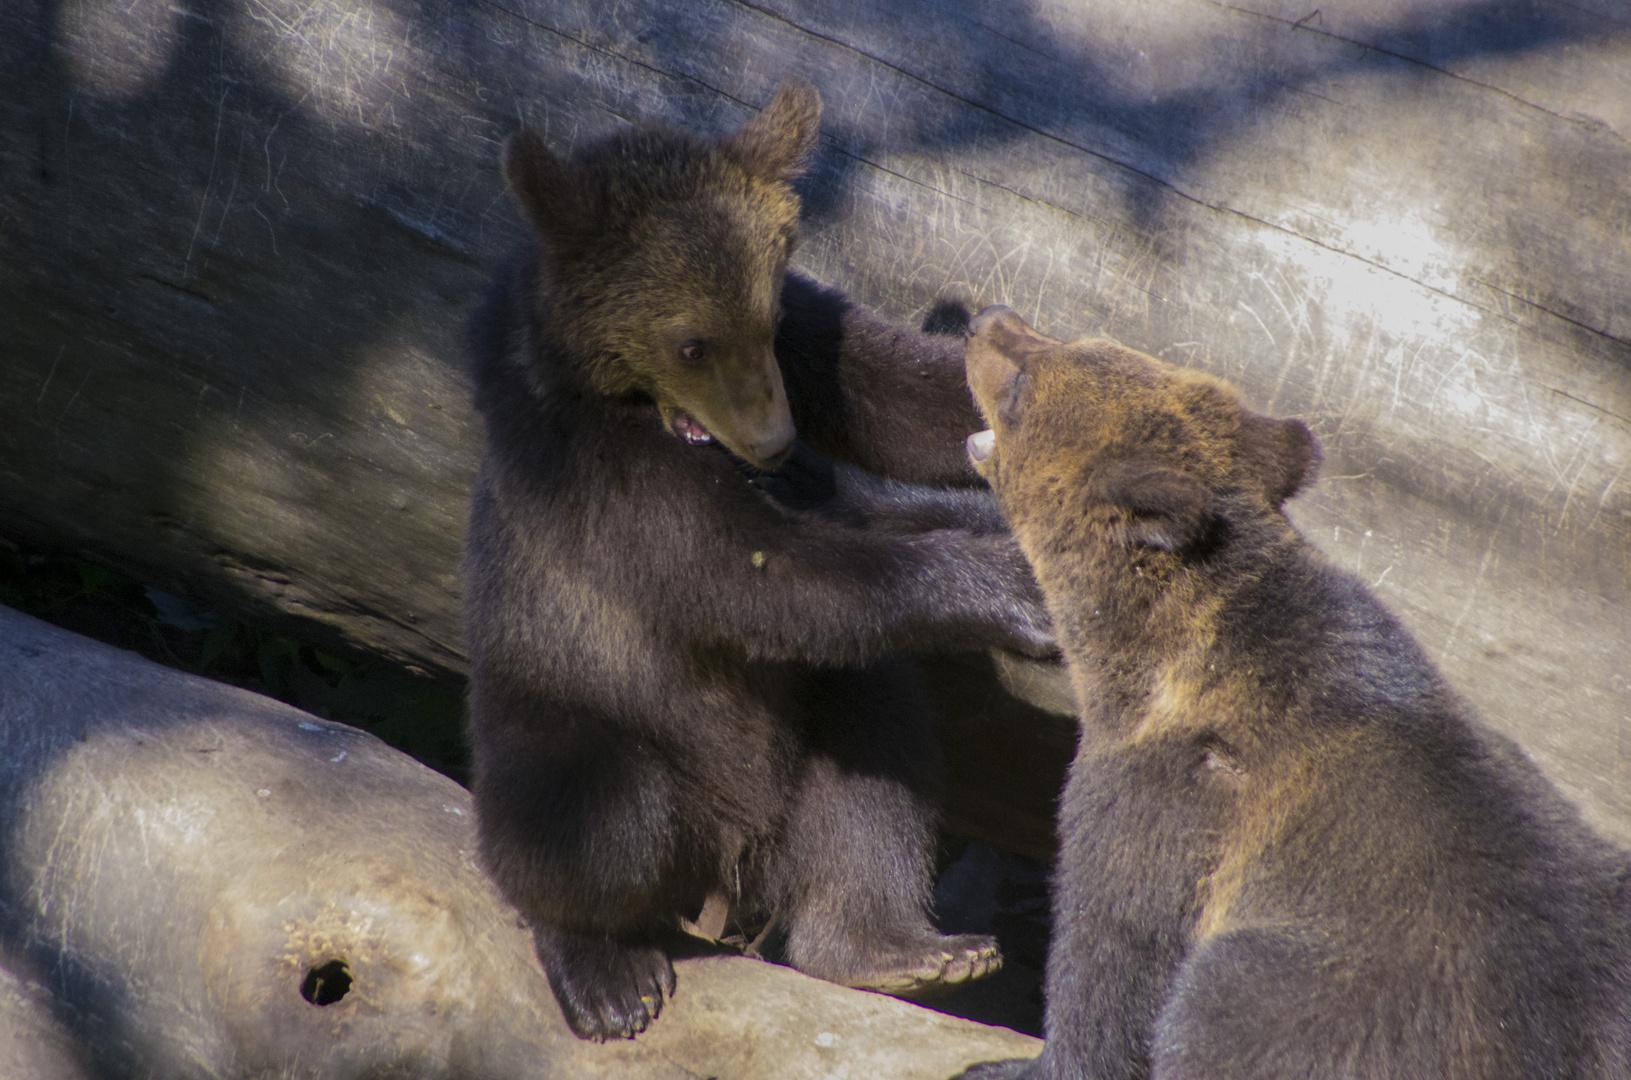 Sich balgende junge Bären